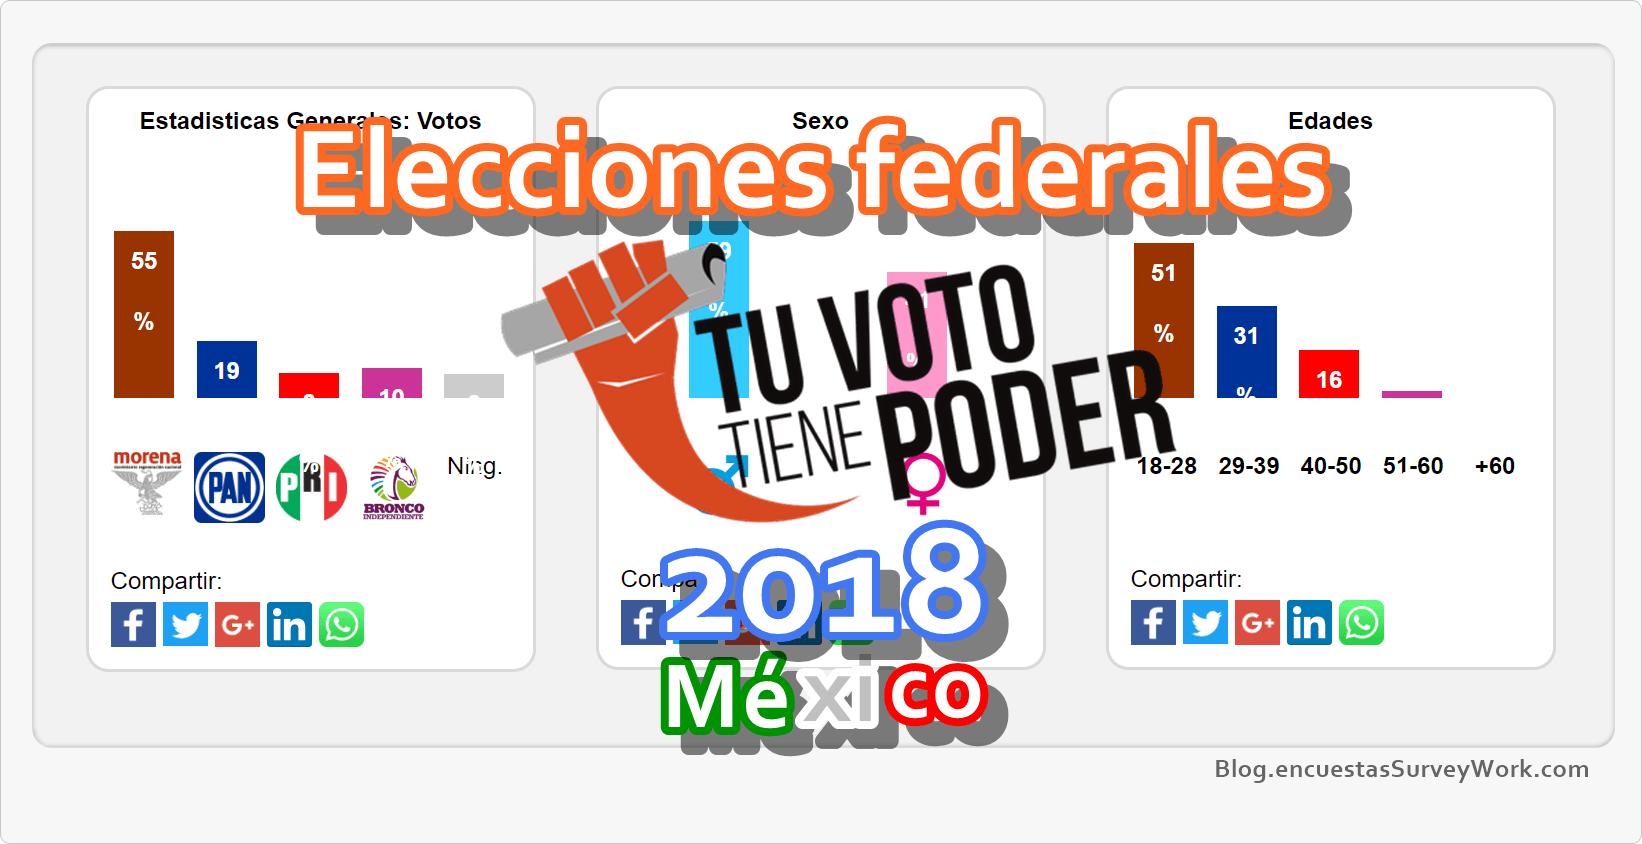 Elecciones federales en México 2018